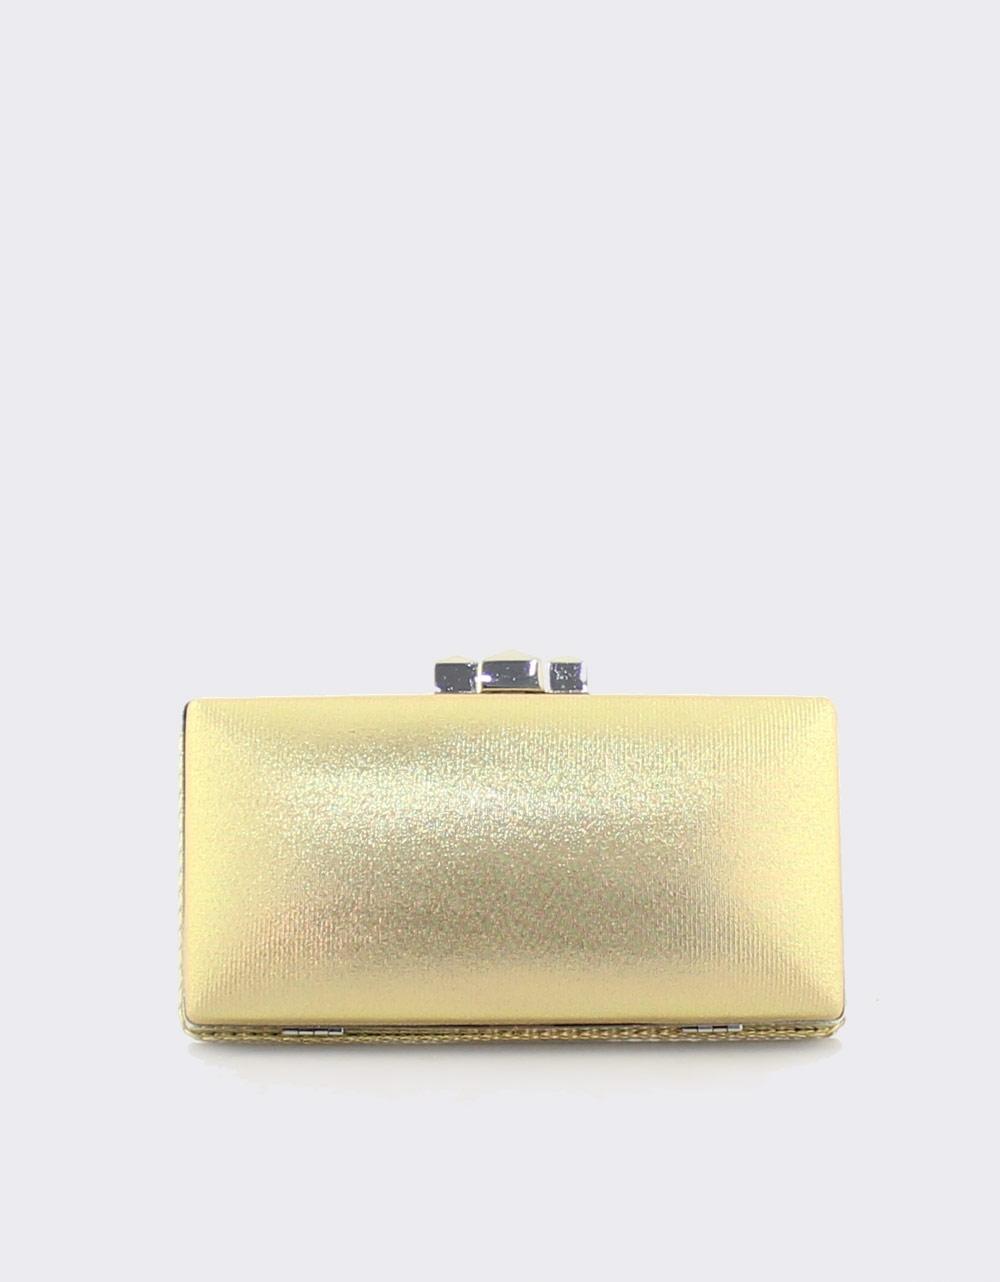 Εικόνα από Γυναικείοι φάκελοι clutch με ανάγλυφο μοτίβο Χρυσό